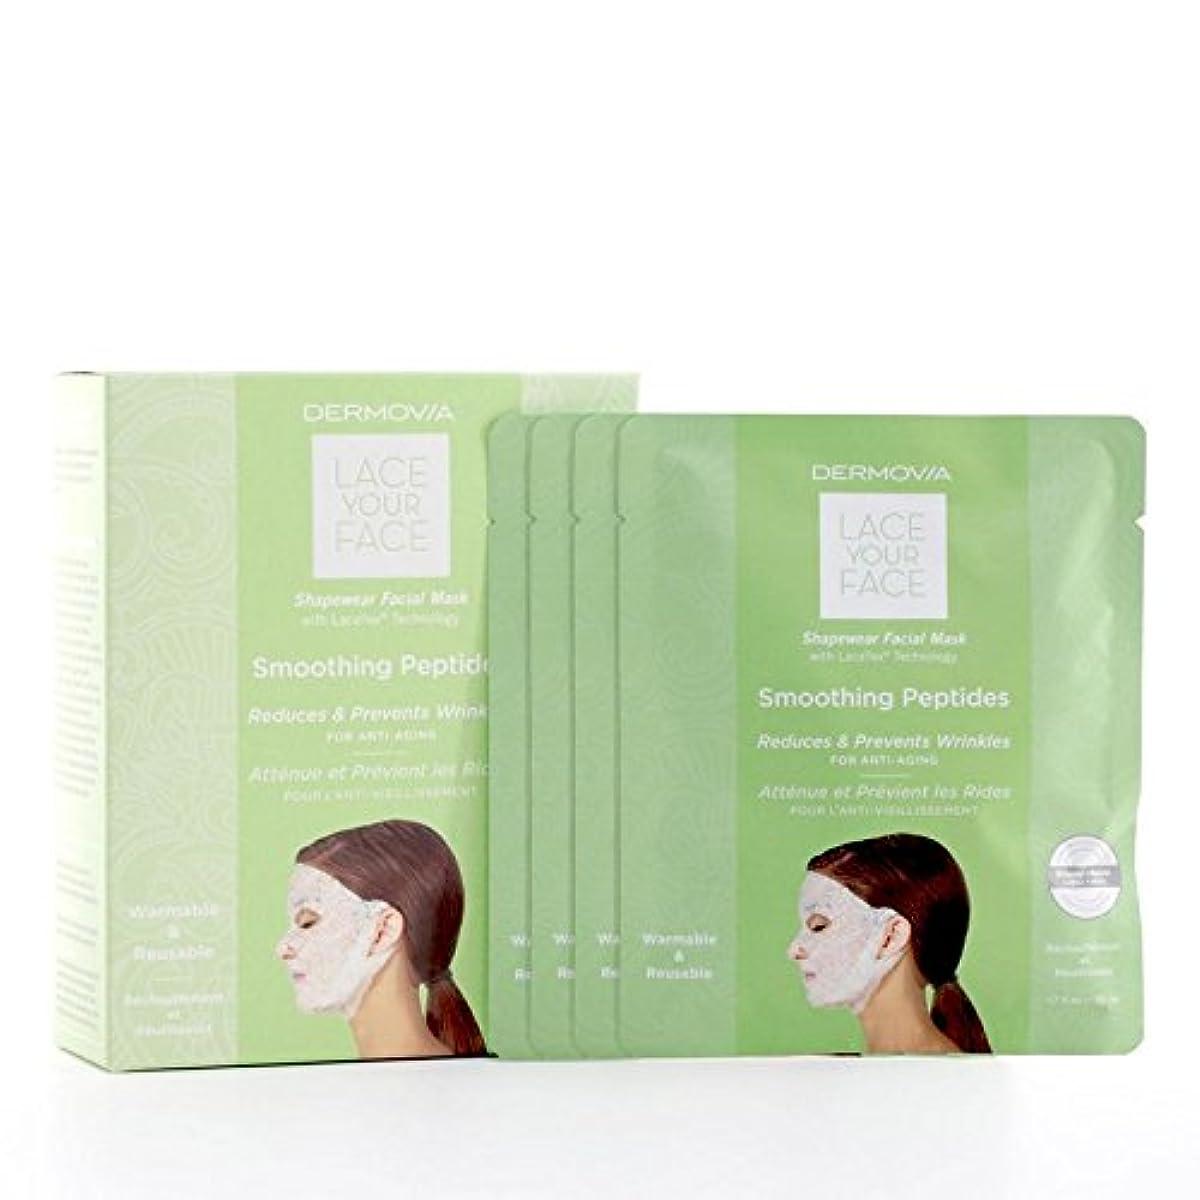 最終的に送った感嘆符Dermovia Lace Your Face Compression Facial Mask Smoothing Peptides (Pack of 6) - は、あなたの顔の圧縮フェイシャルマスク平滑化ペプチドをひもで...